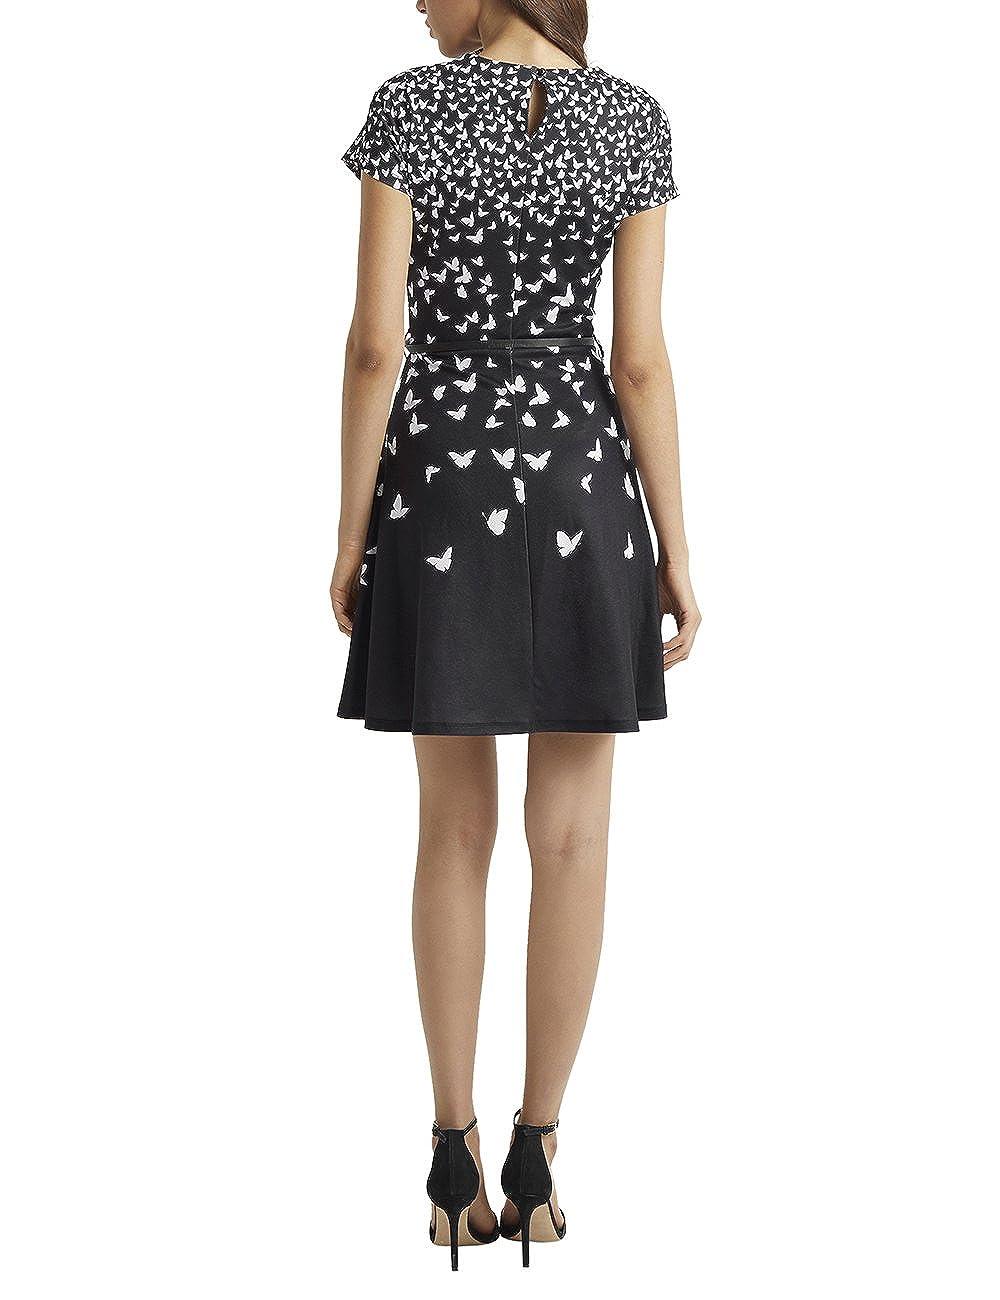 Lipsy Mujer Vestido Evasé Con Estampado De Mariposas Y Cinturón Negro 46: Amazon.es: Ropa y accesorios